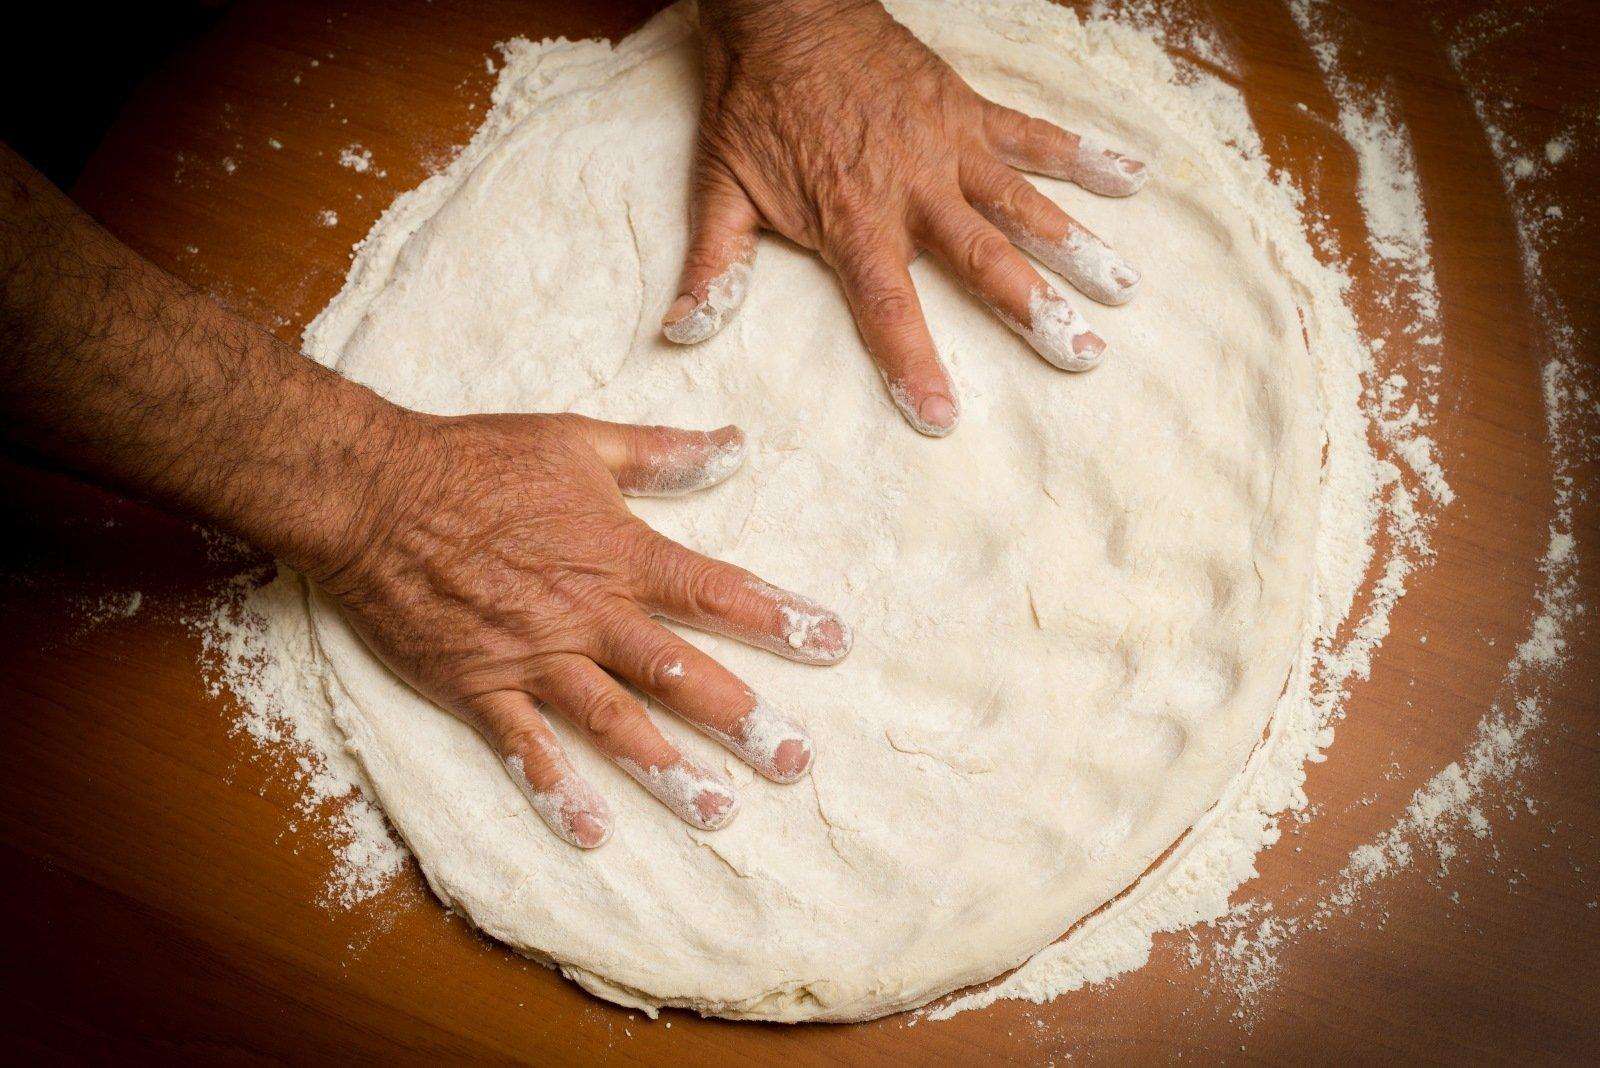 pizzaiolo durante fase di preparazione di pasata per la pizza